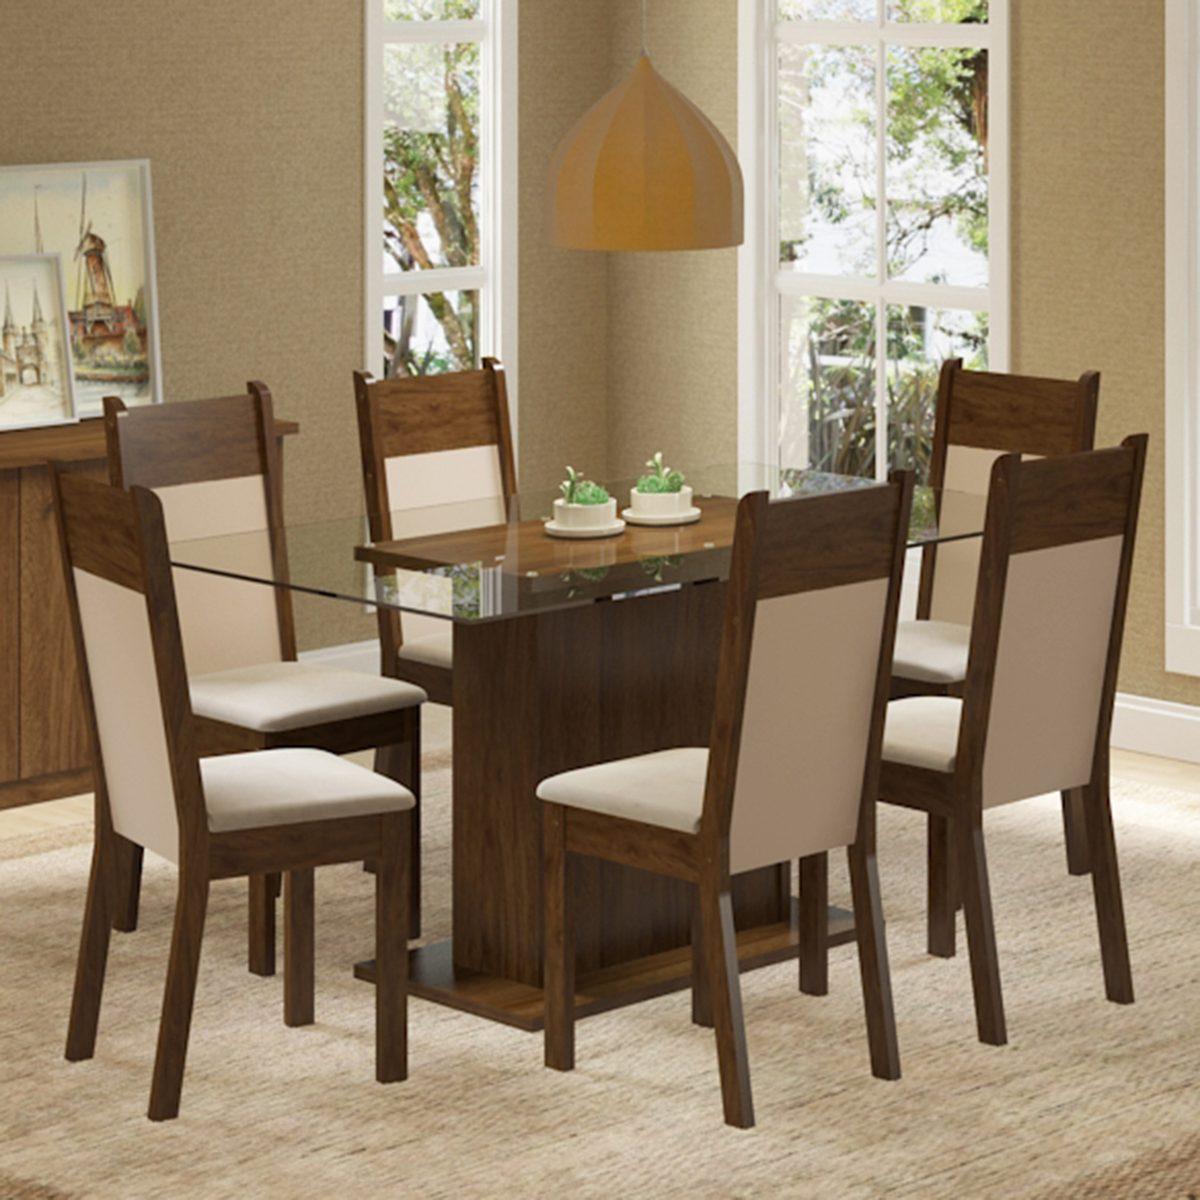 Conjunto Sala De Jantar Mesa E 6 Cadeiras Atlanta Madesa R 739 90  -> Sala De Jantar Atlanta